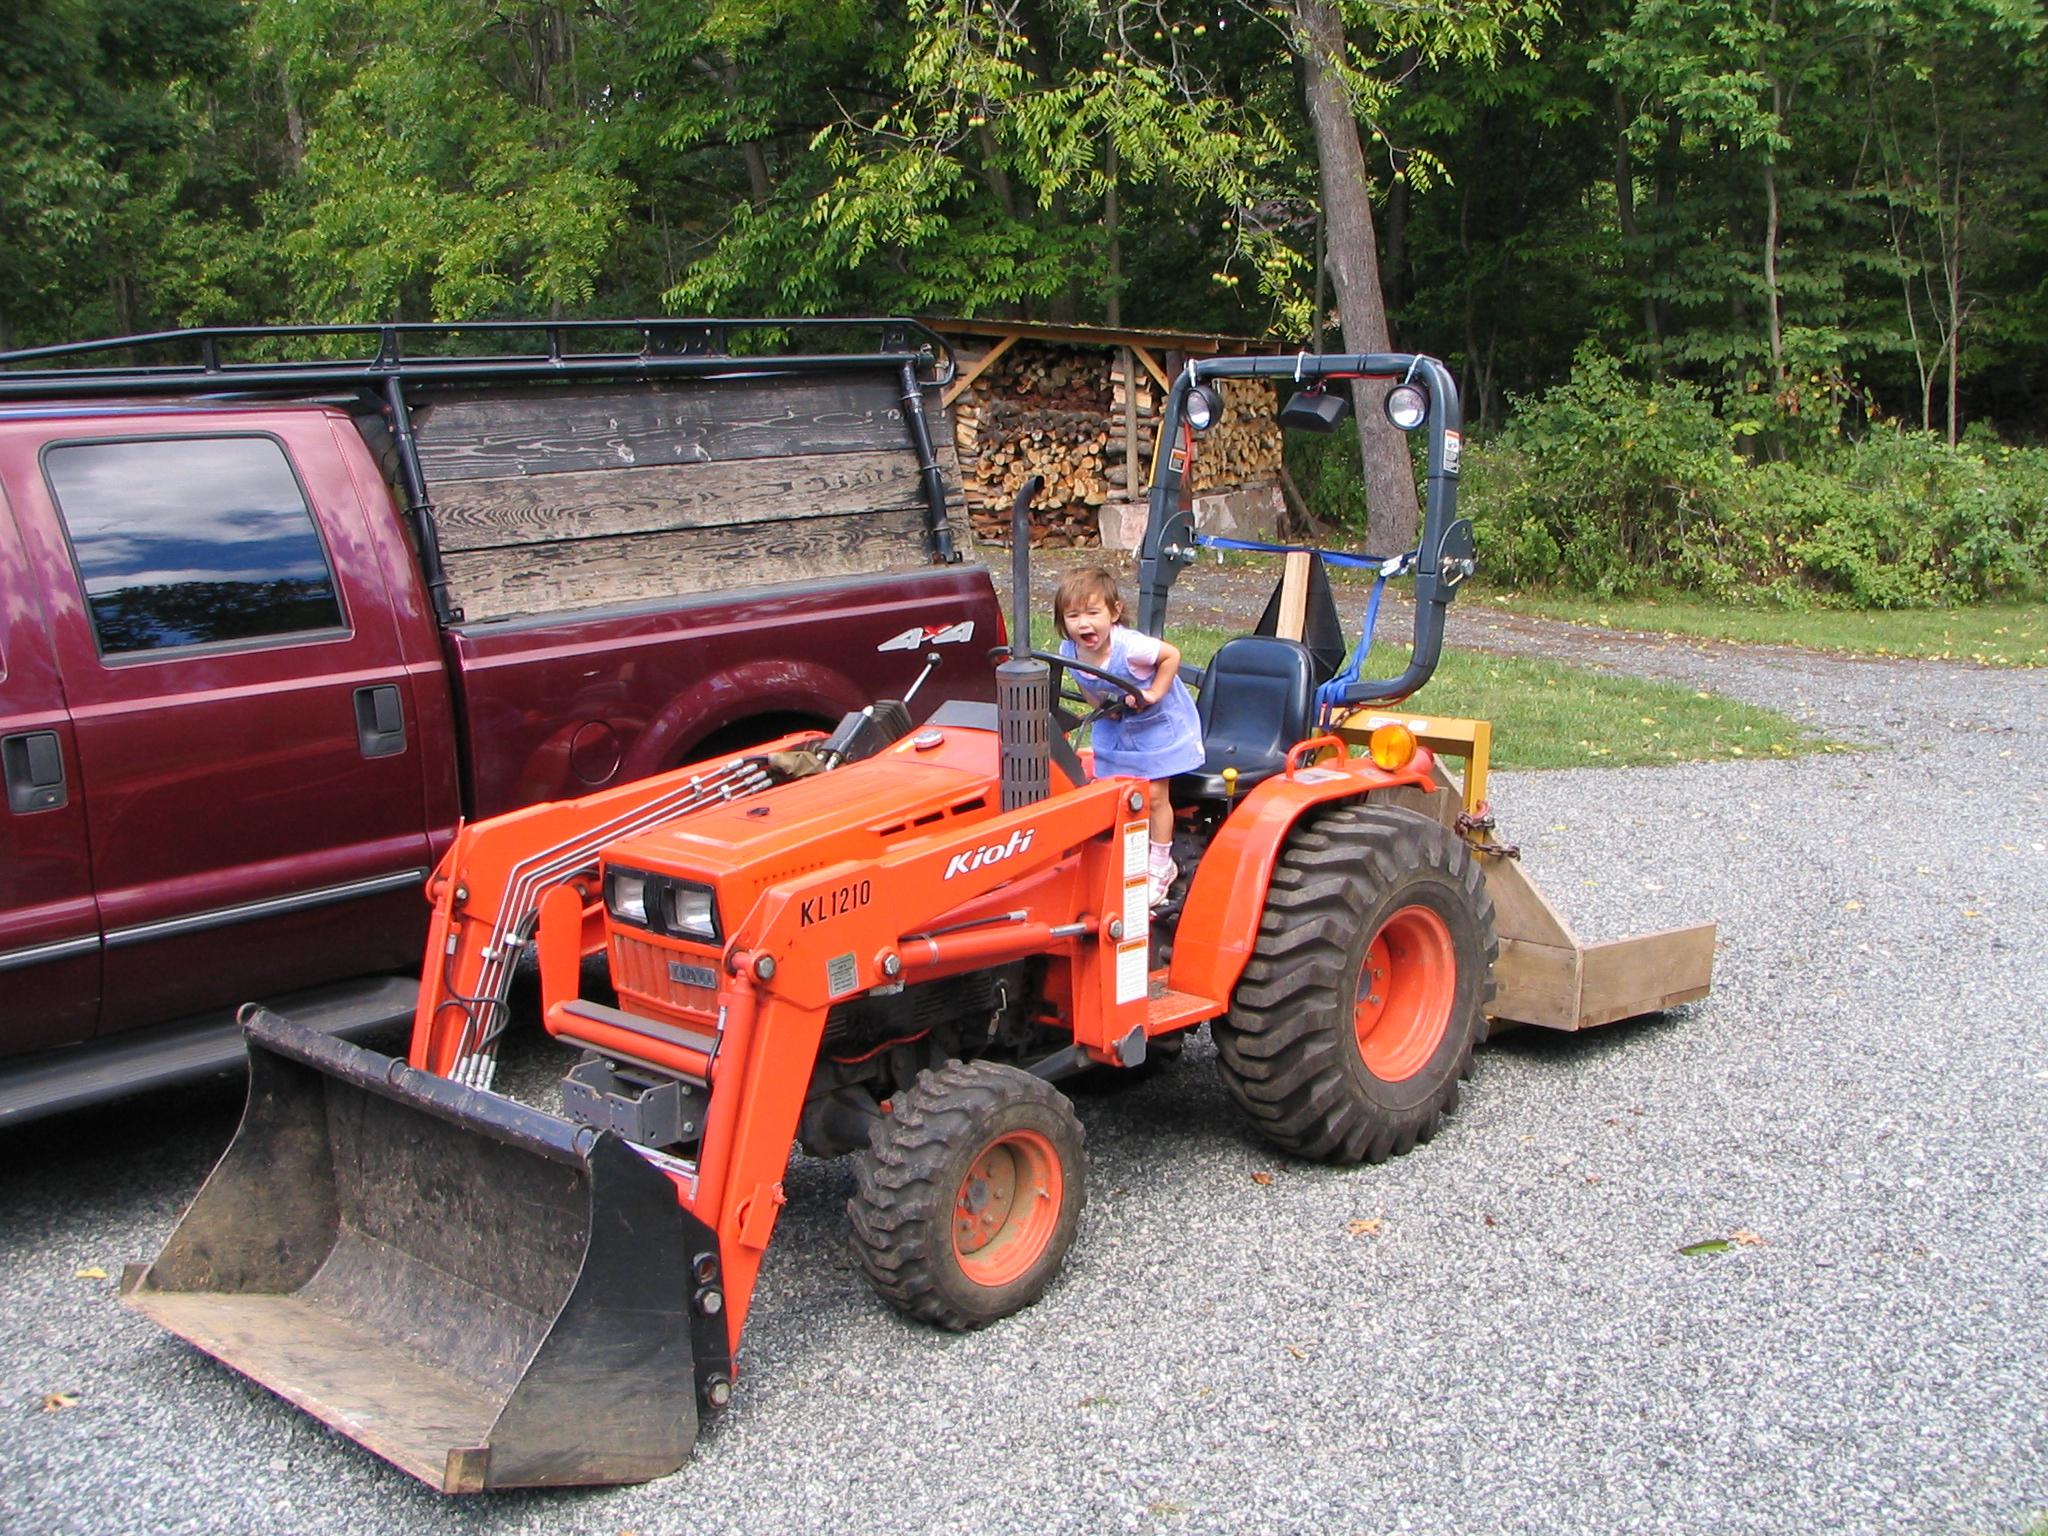 Kioti Lb1914 Farm Tractor   Kioti Farm Tractors: Kioti Farm